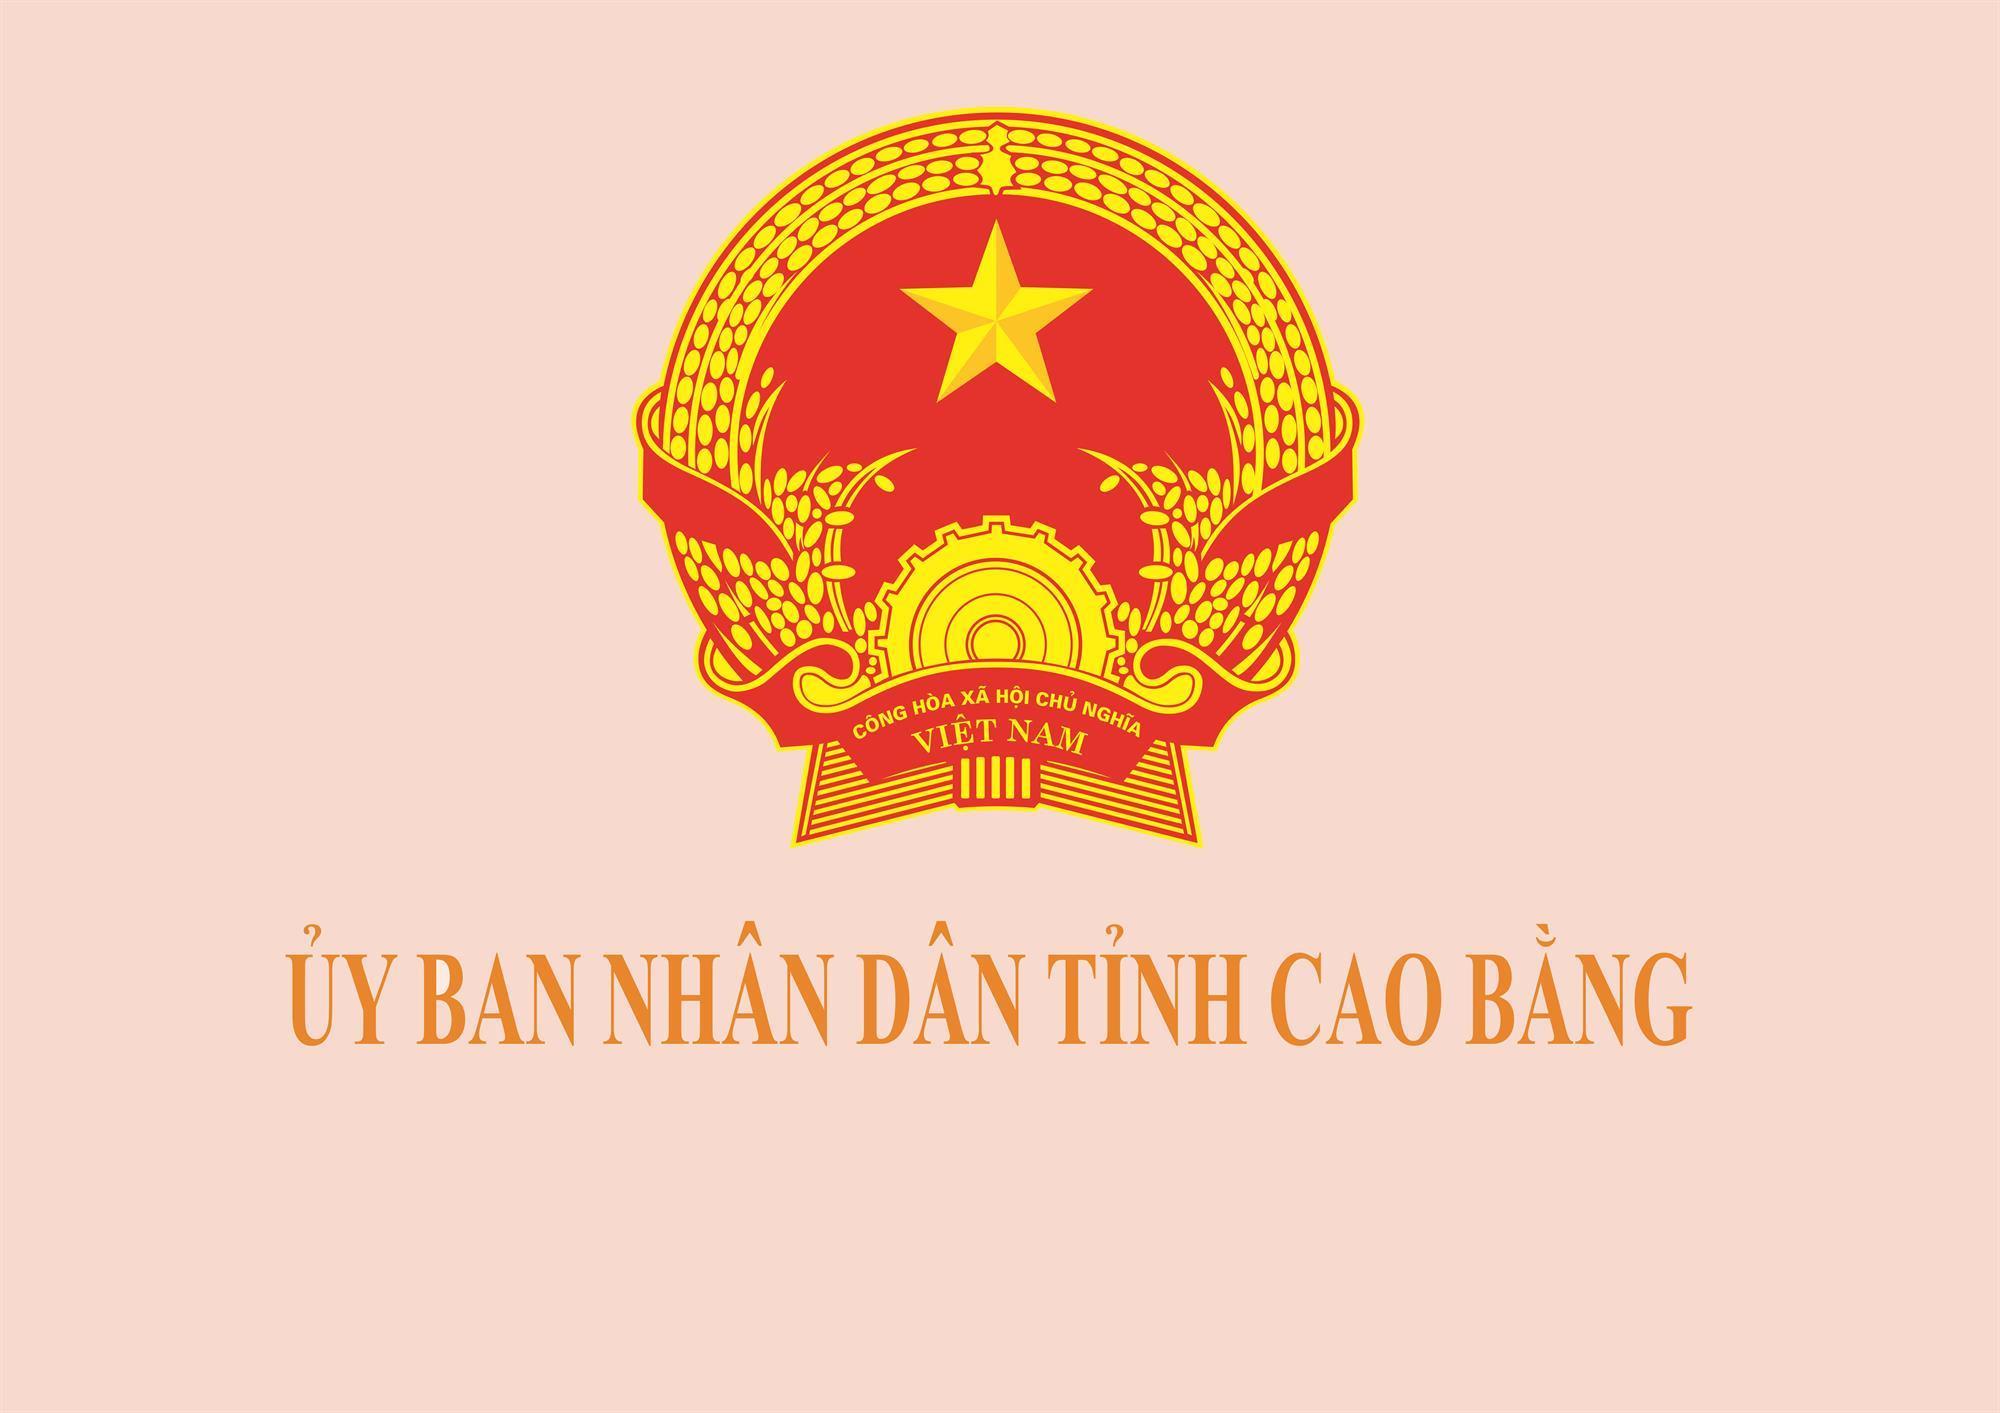 UBND tỉnh Cao Bằng thông báo